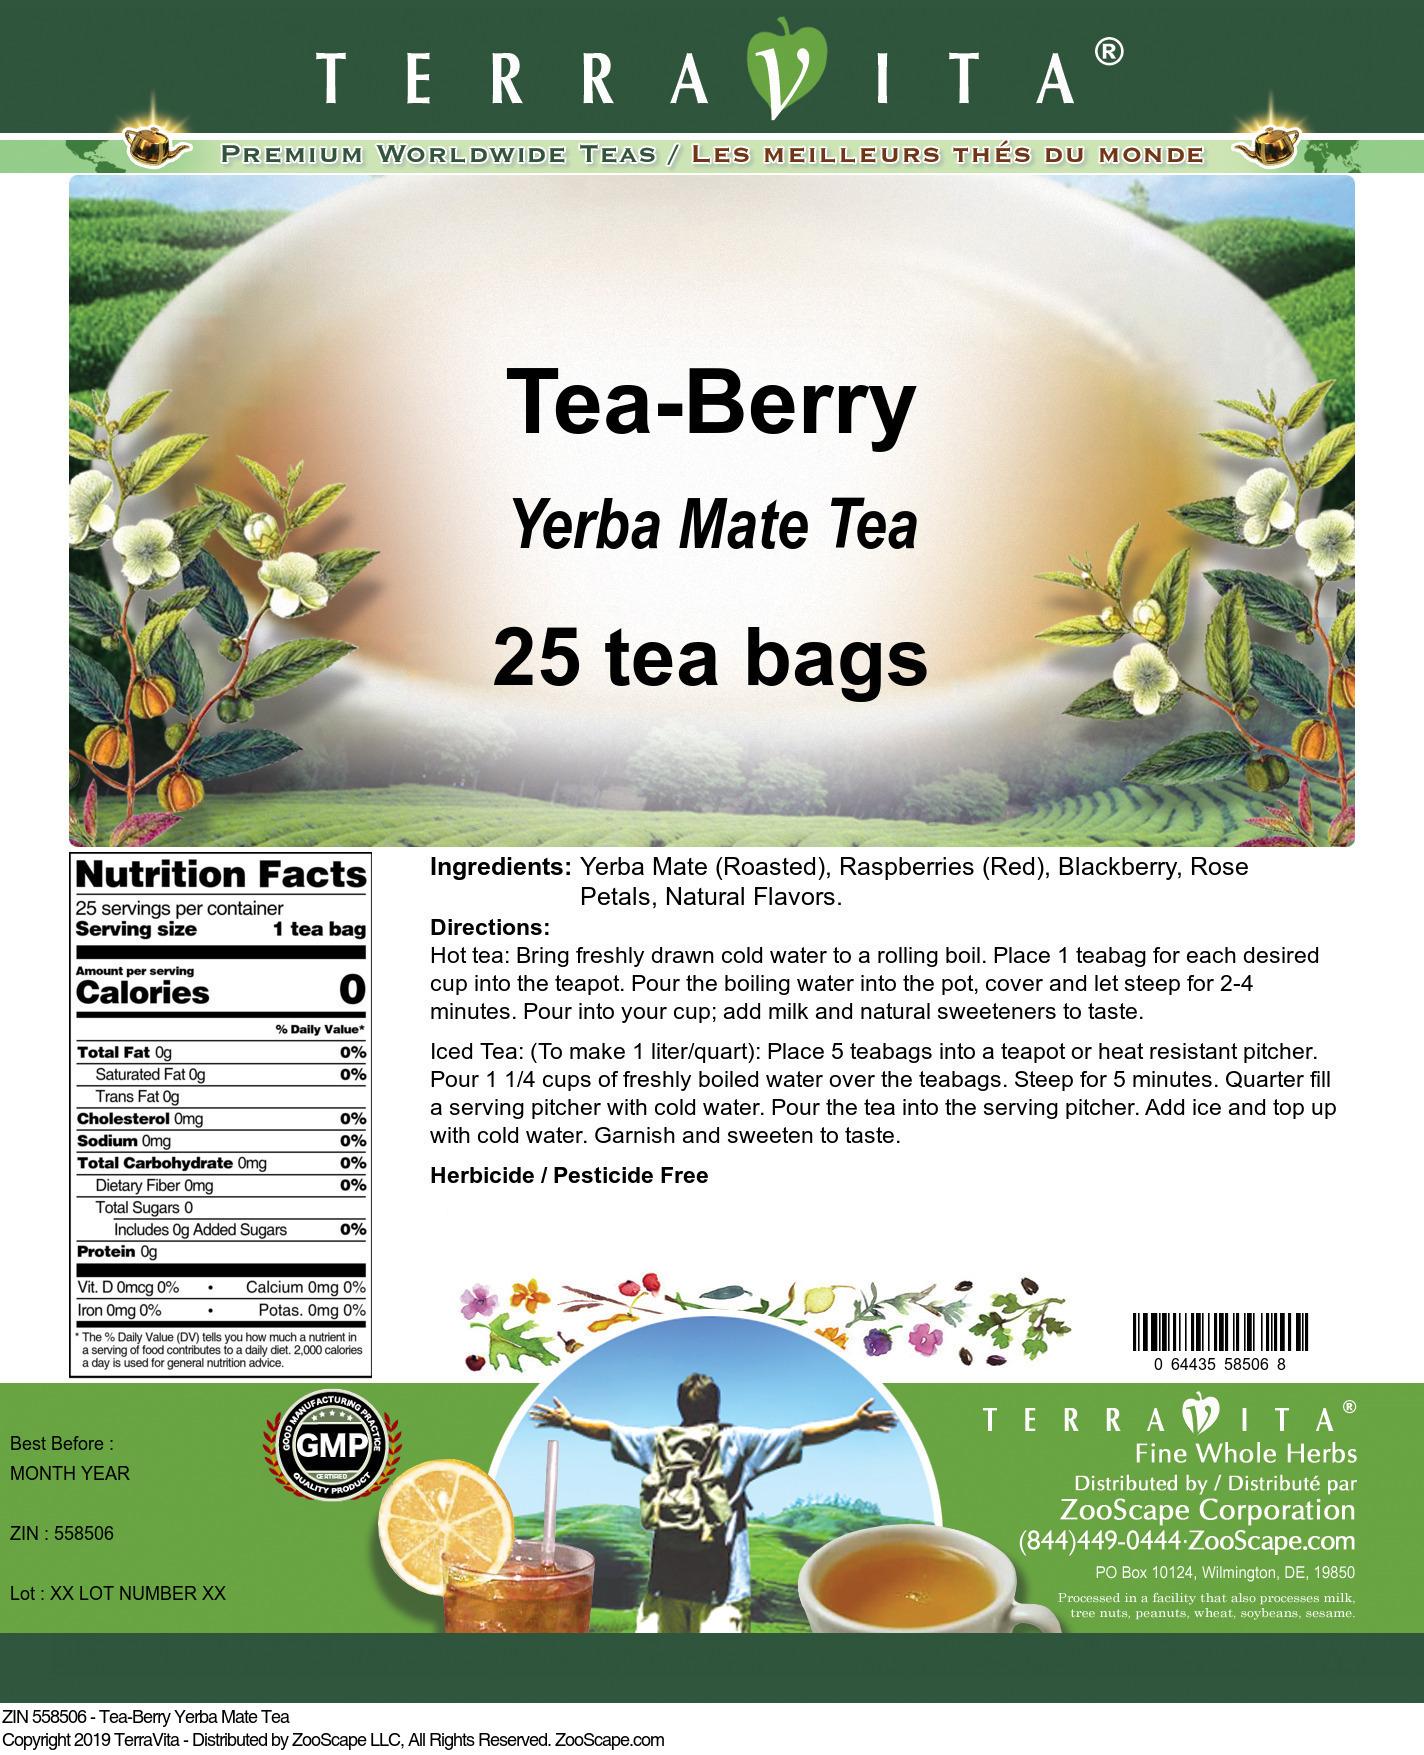 Tea-Berry Yerba Mate Tea